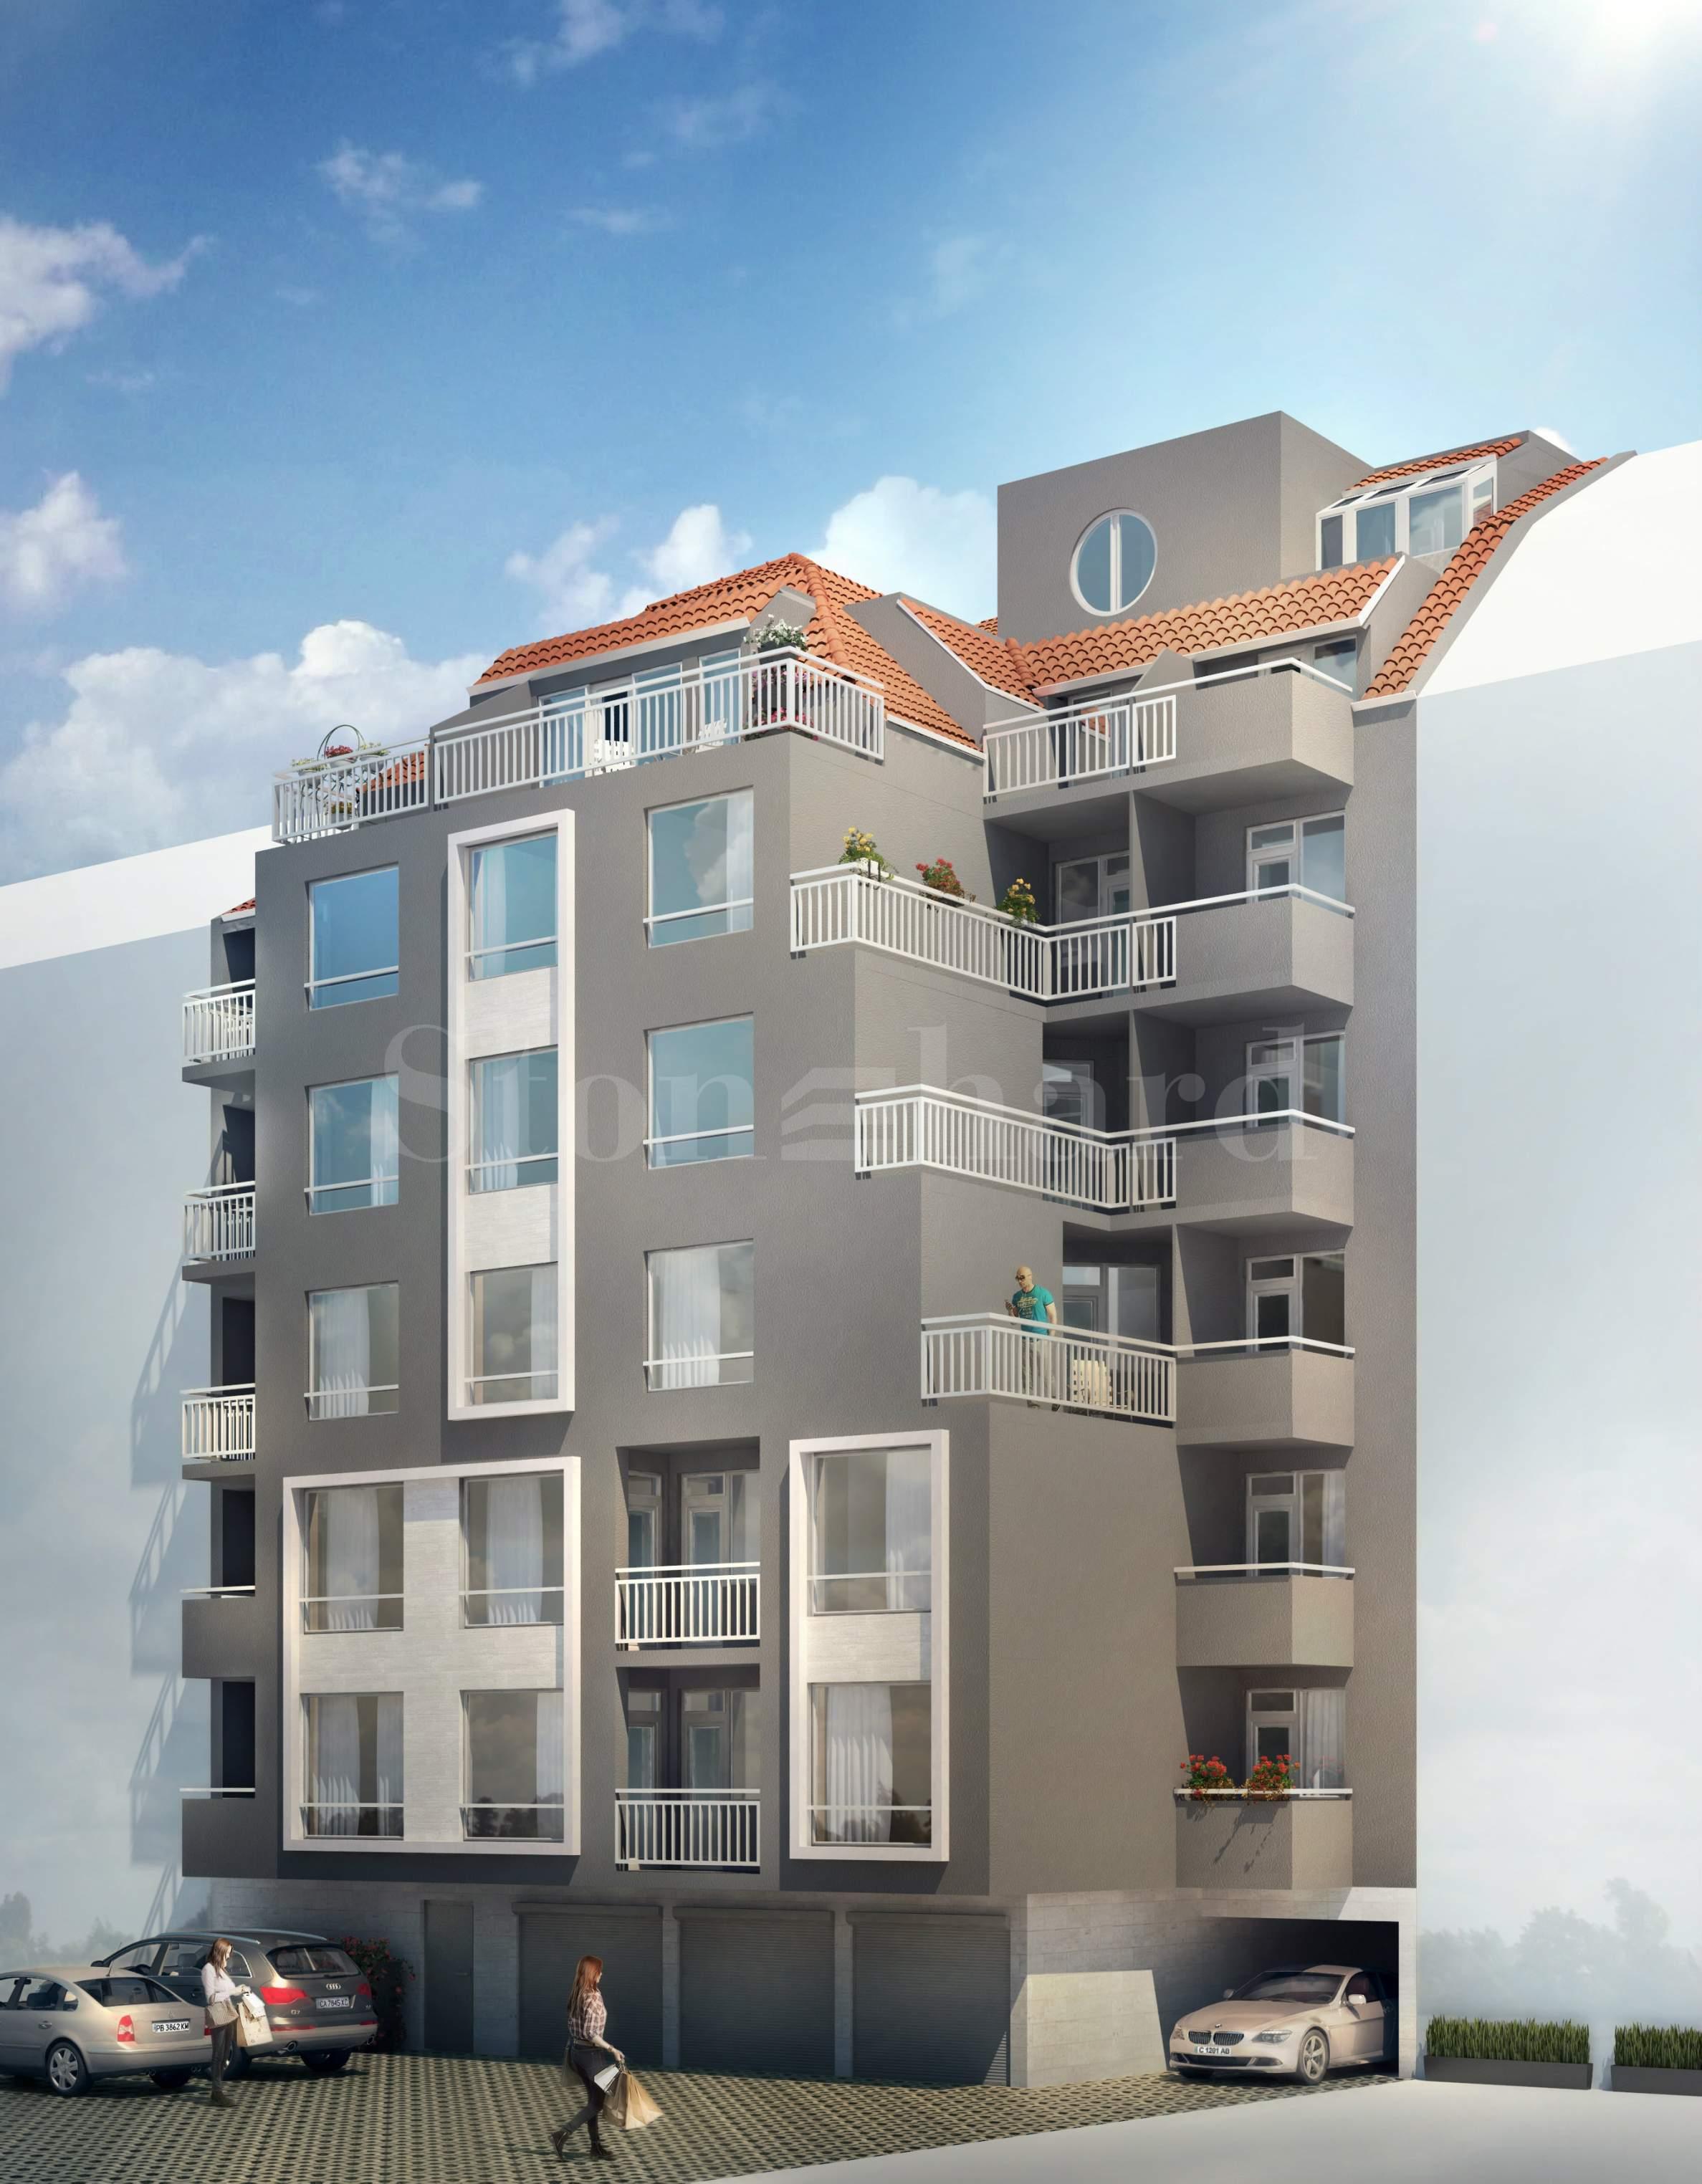 Двустайни и тристайни апартаменти в кв. Аспарухово2 - Stonehard